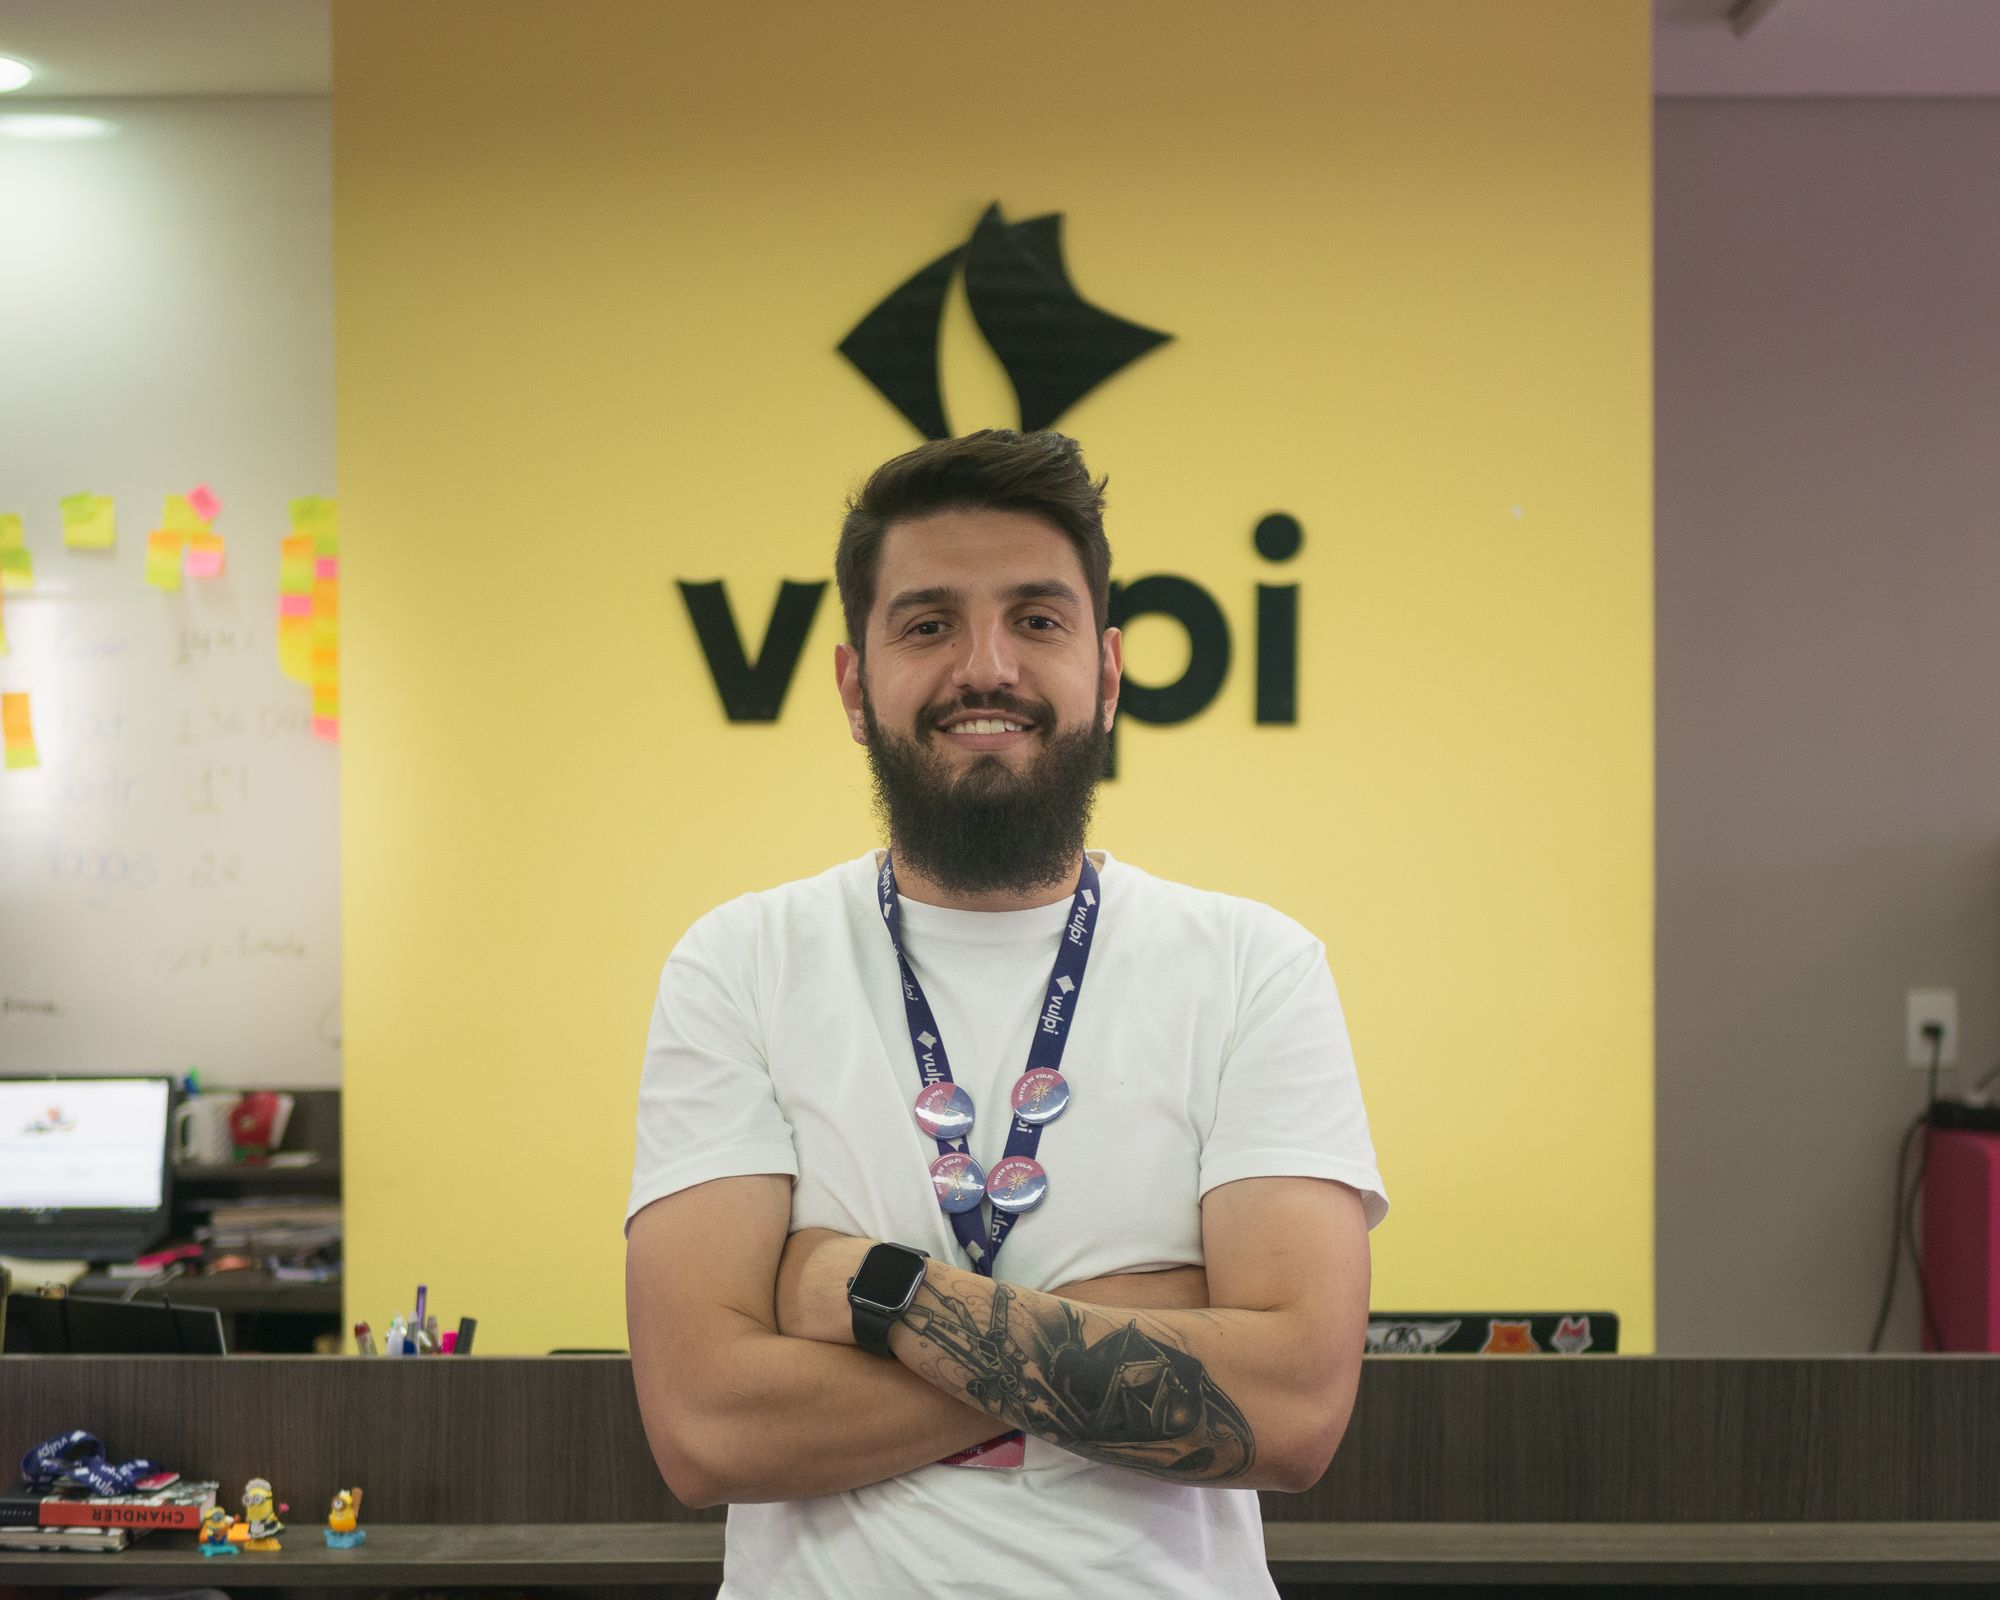 Vulpi atinge 100% do valor de captação por meio de crowdfunding para processo de expansão da empresa